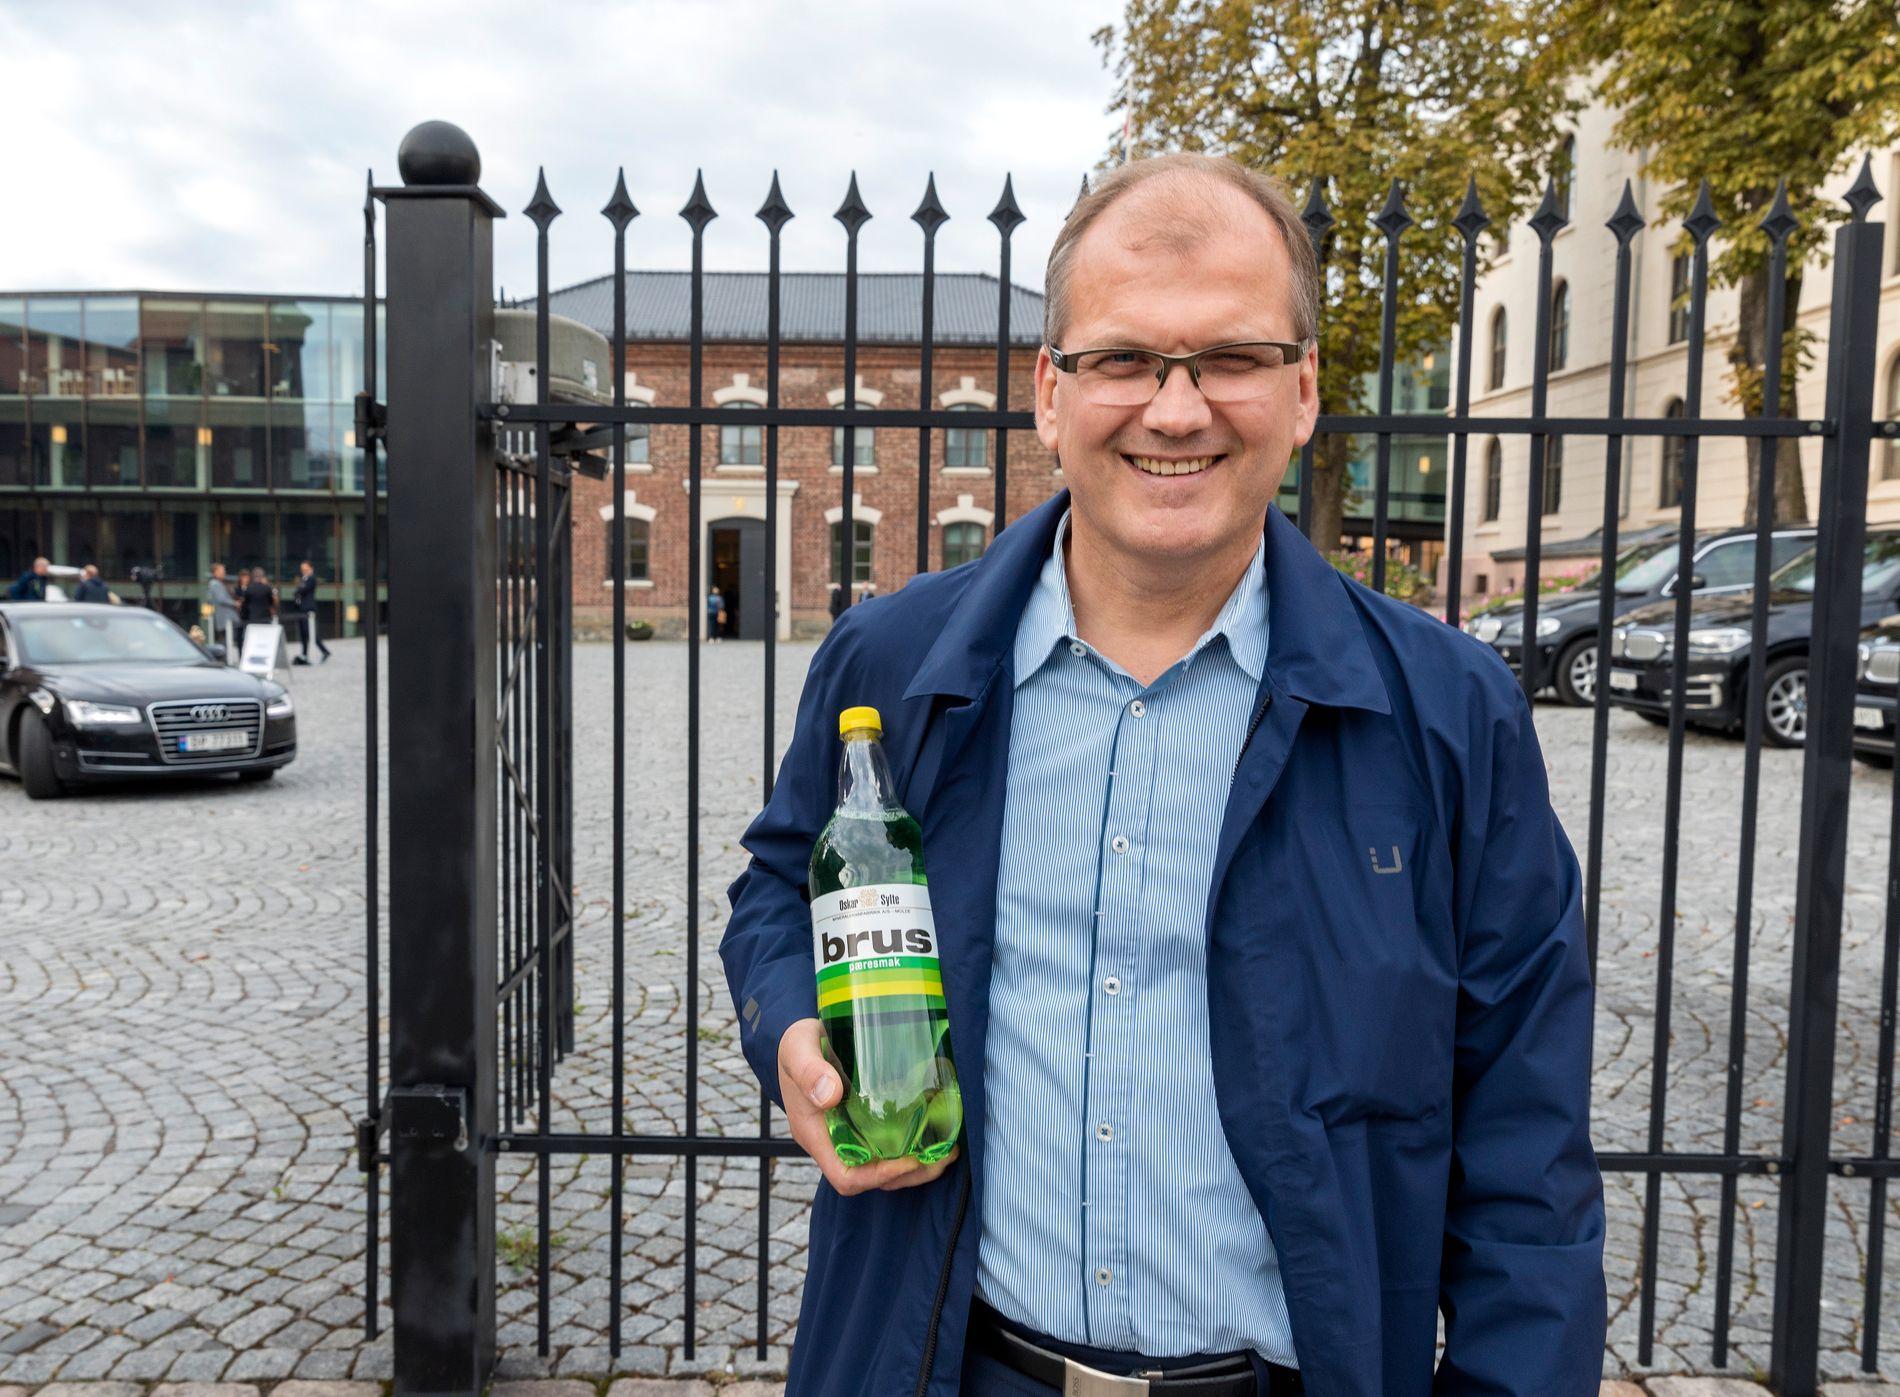 PROTESTERER: På bildet protesterer Oskar Sylte Jr. mot sukkeravgiften utenfor Statsministerens kontor. Bildet er tatt i 2018.